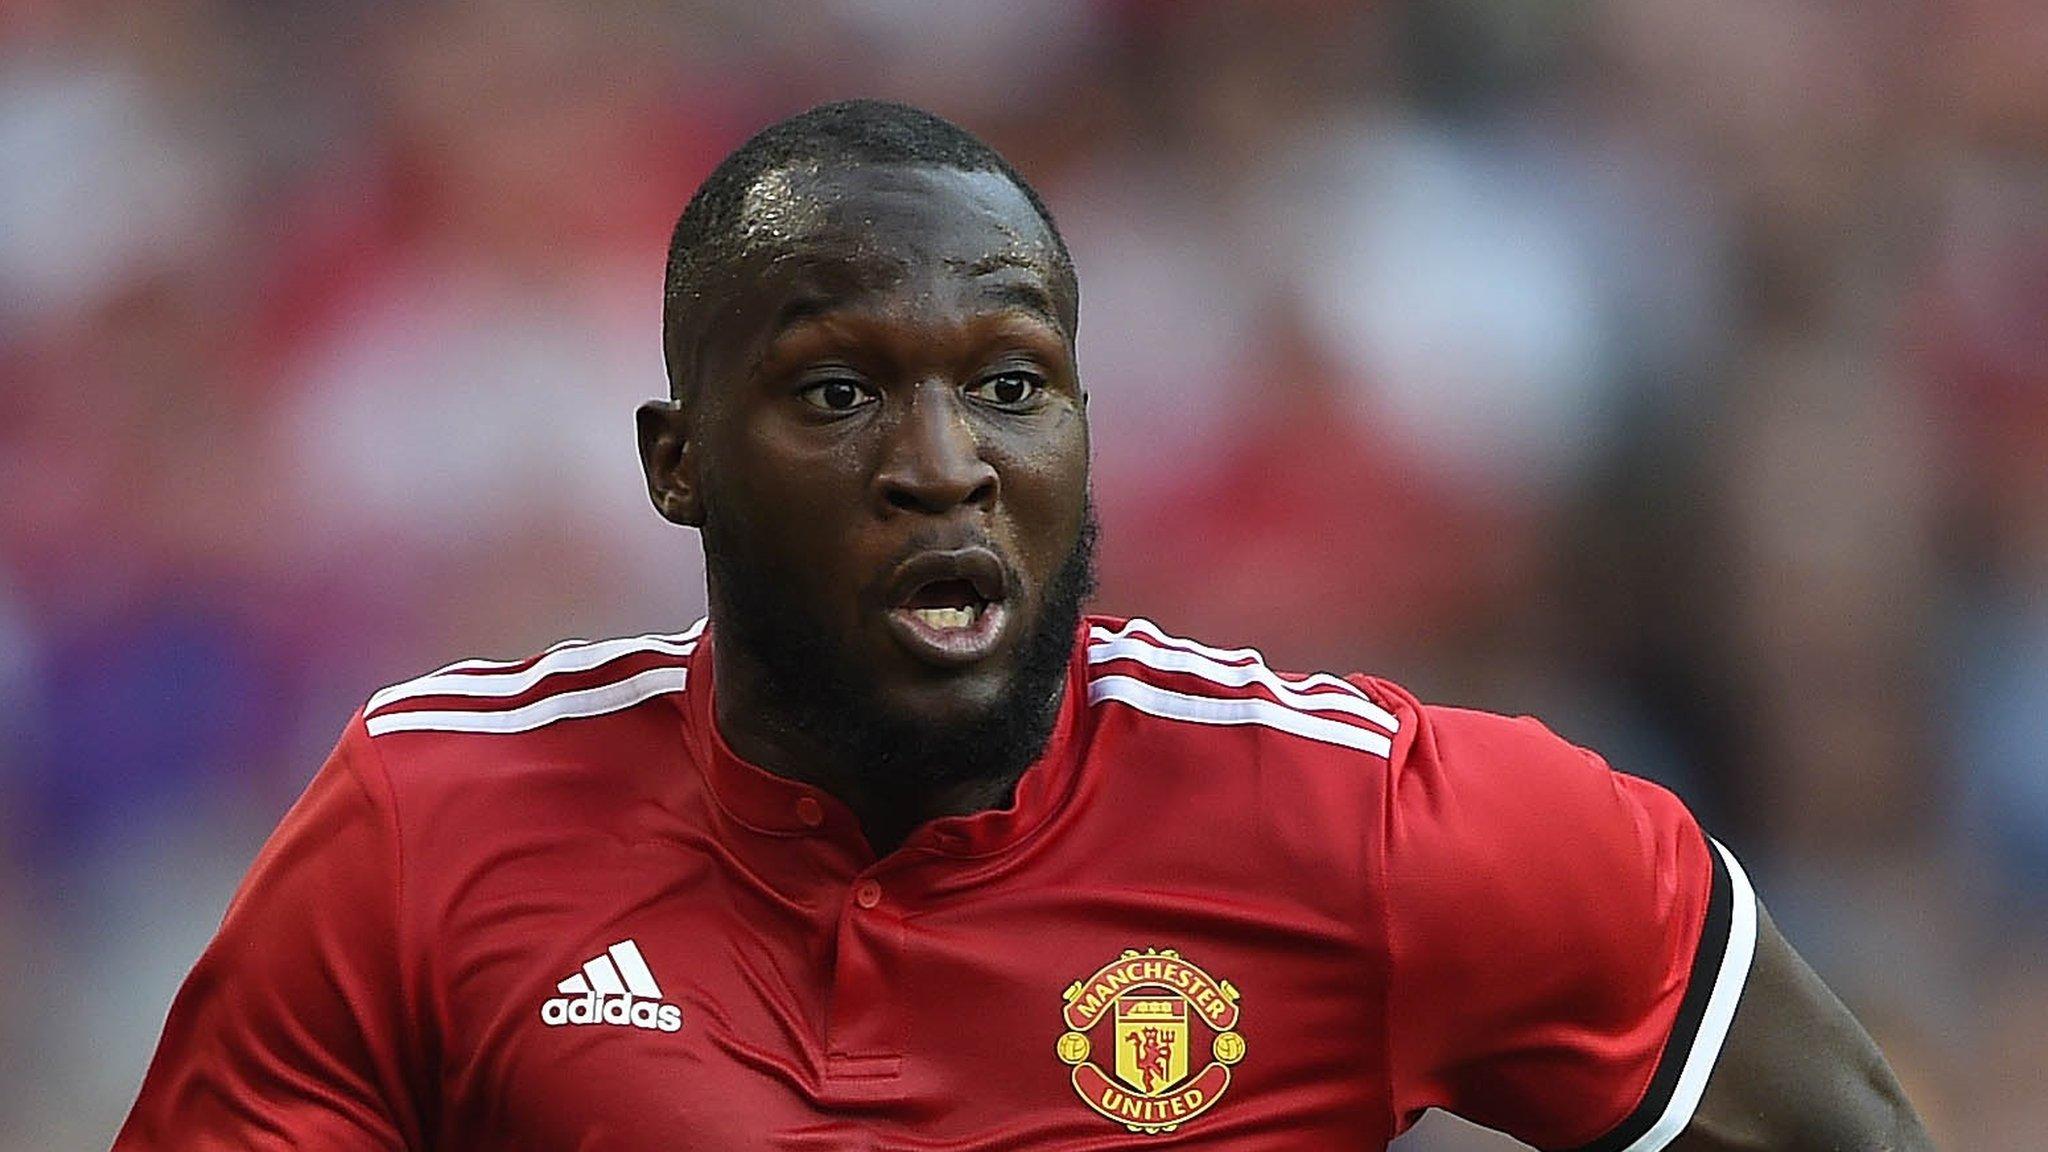 Manchester United: Romelu Lukaku chant is 'racist' - Kick It Out